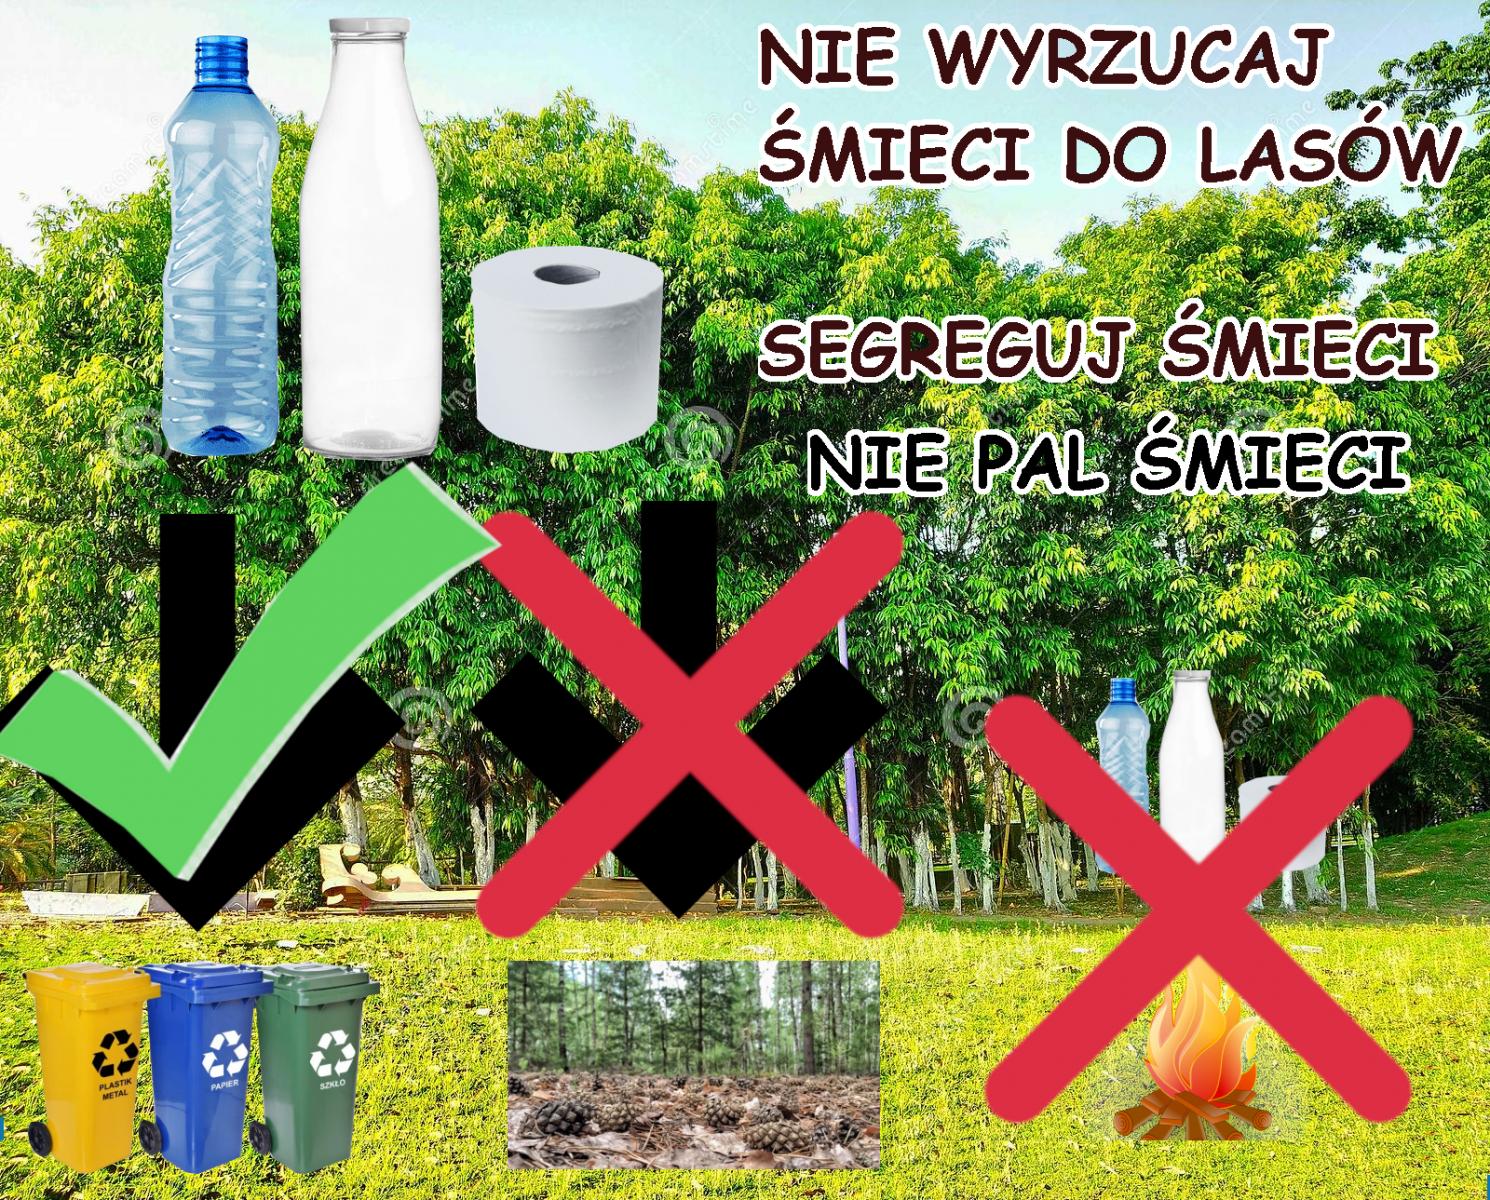 NIE-SMIEC2.png-1